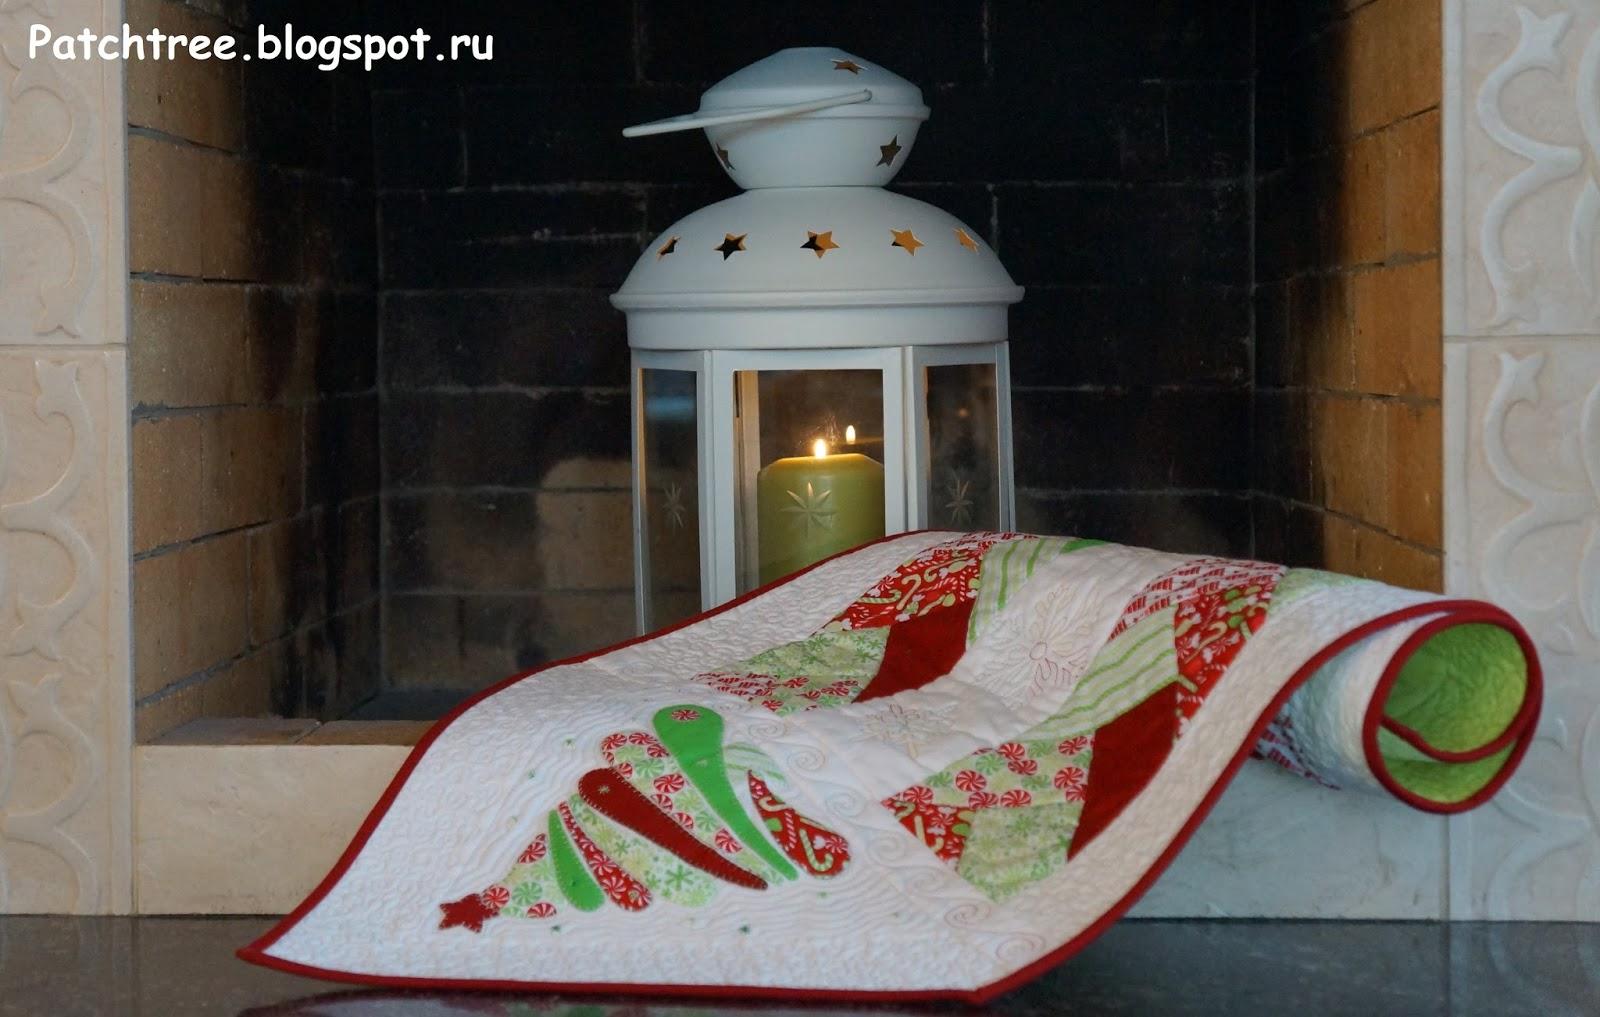 Рождественская столовая дорожка